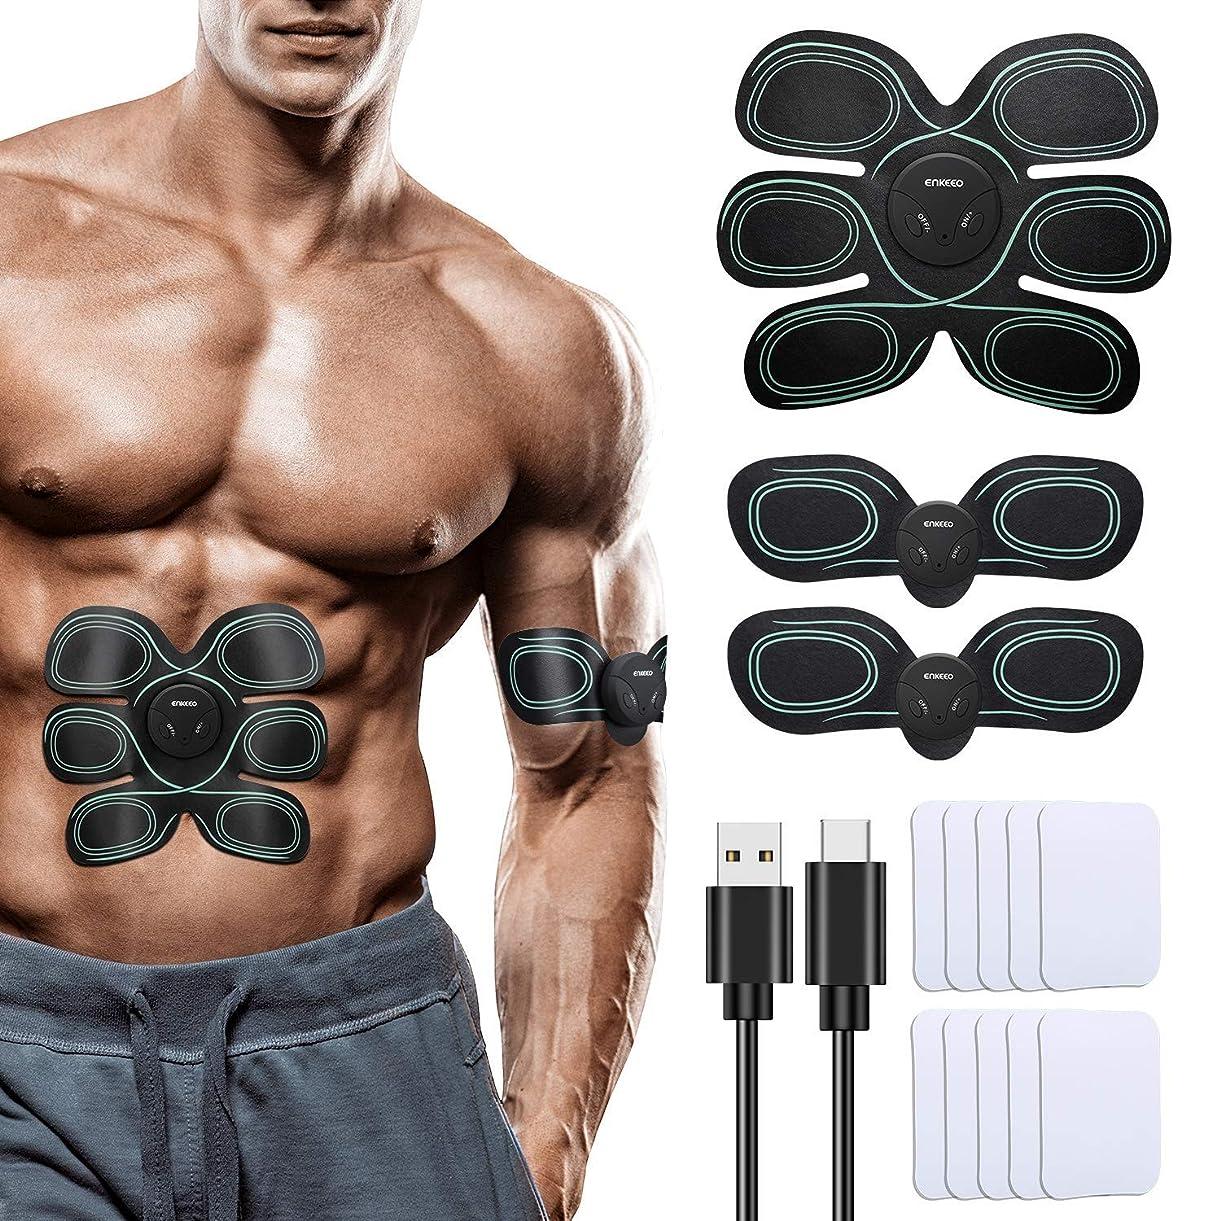 充電サンプル専らGWM マッスル刺激マッサージャー、EMS ABSトレーナー、腹部筋肉トナーベルトセット、USB充電式フィットネストレーニングアームの脚腹部背中ウエストエクササイズマシン、ユニセックス8モード